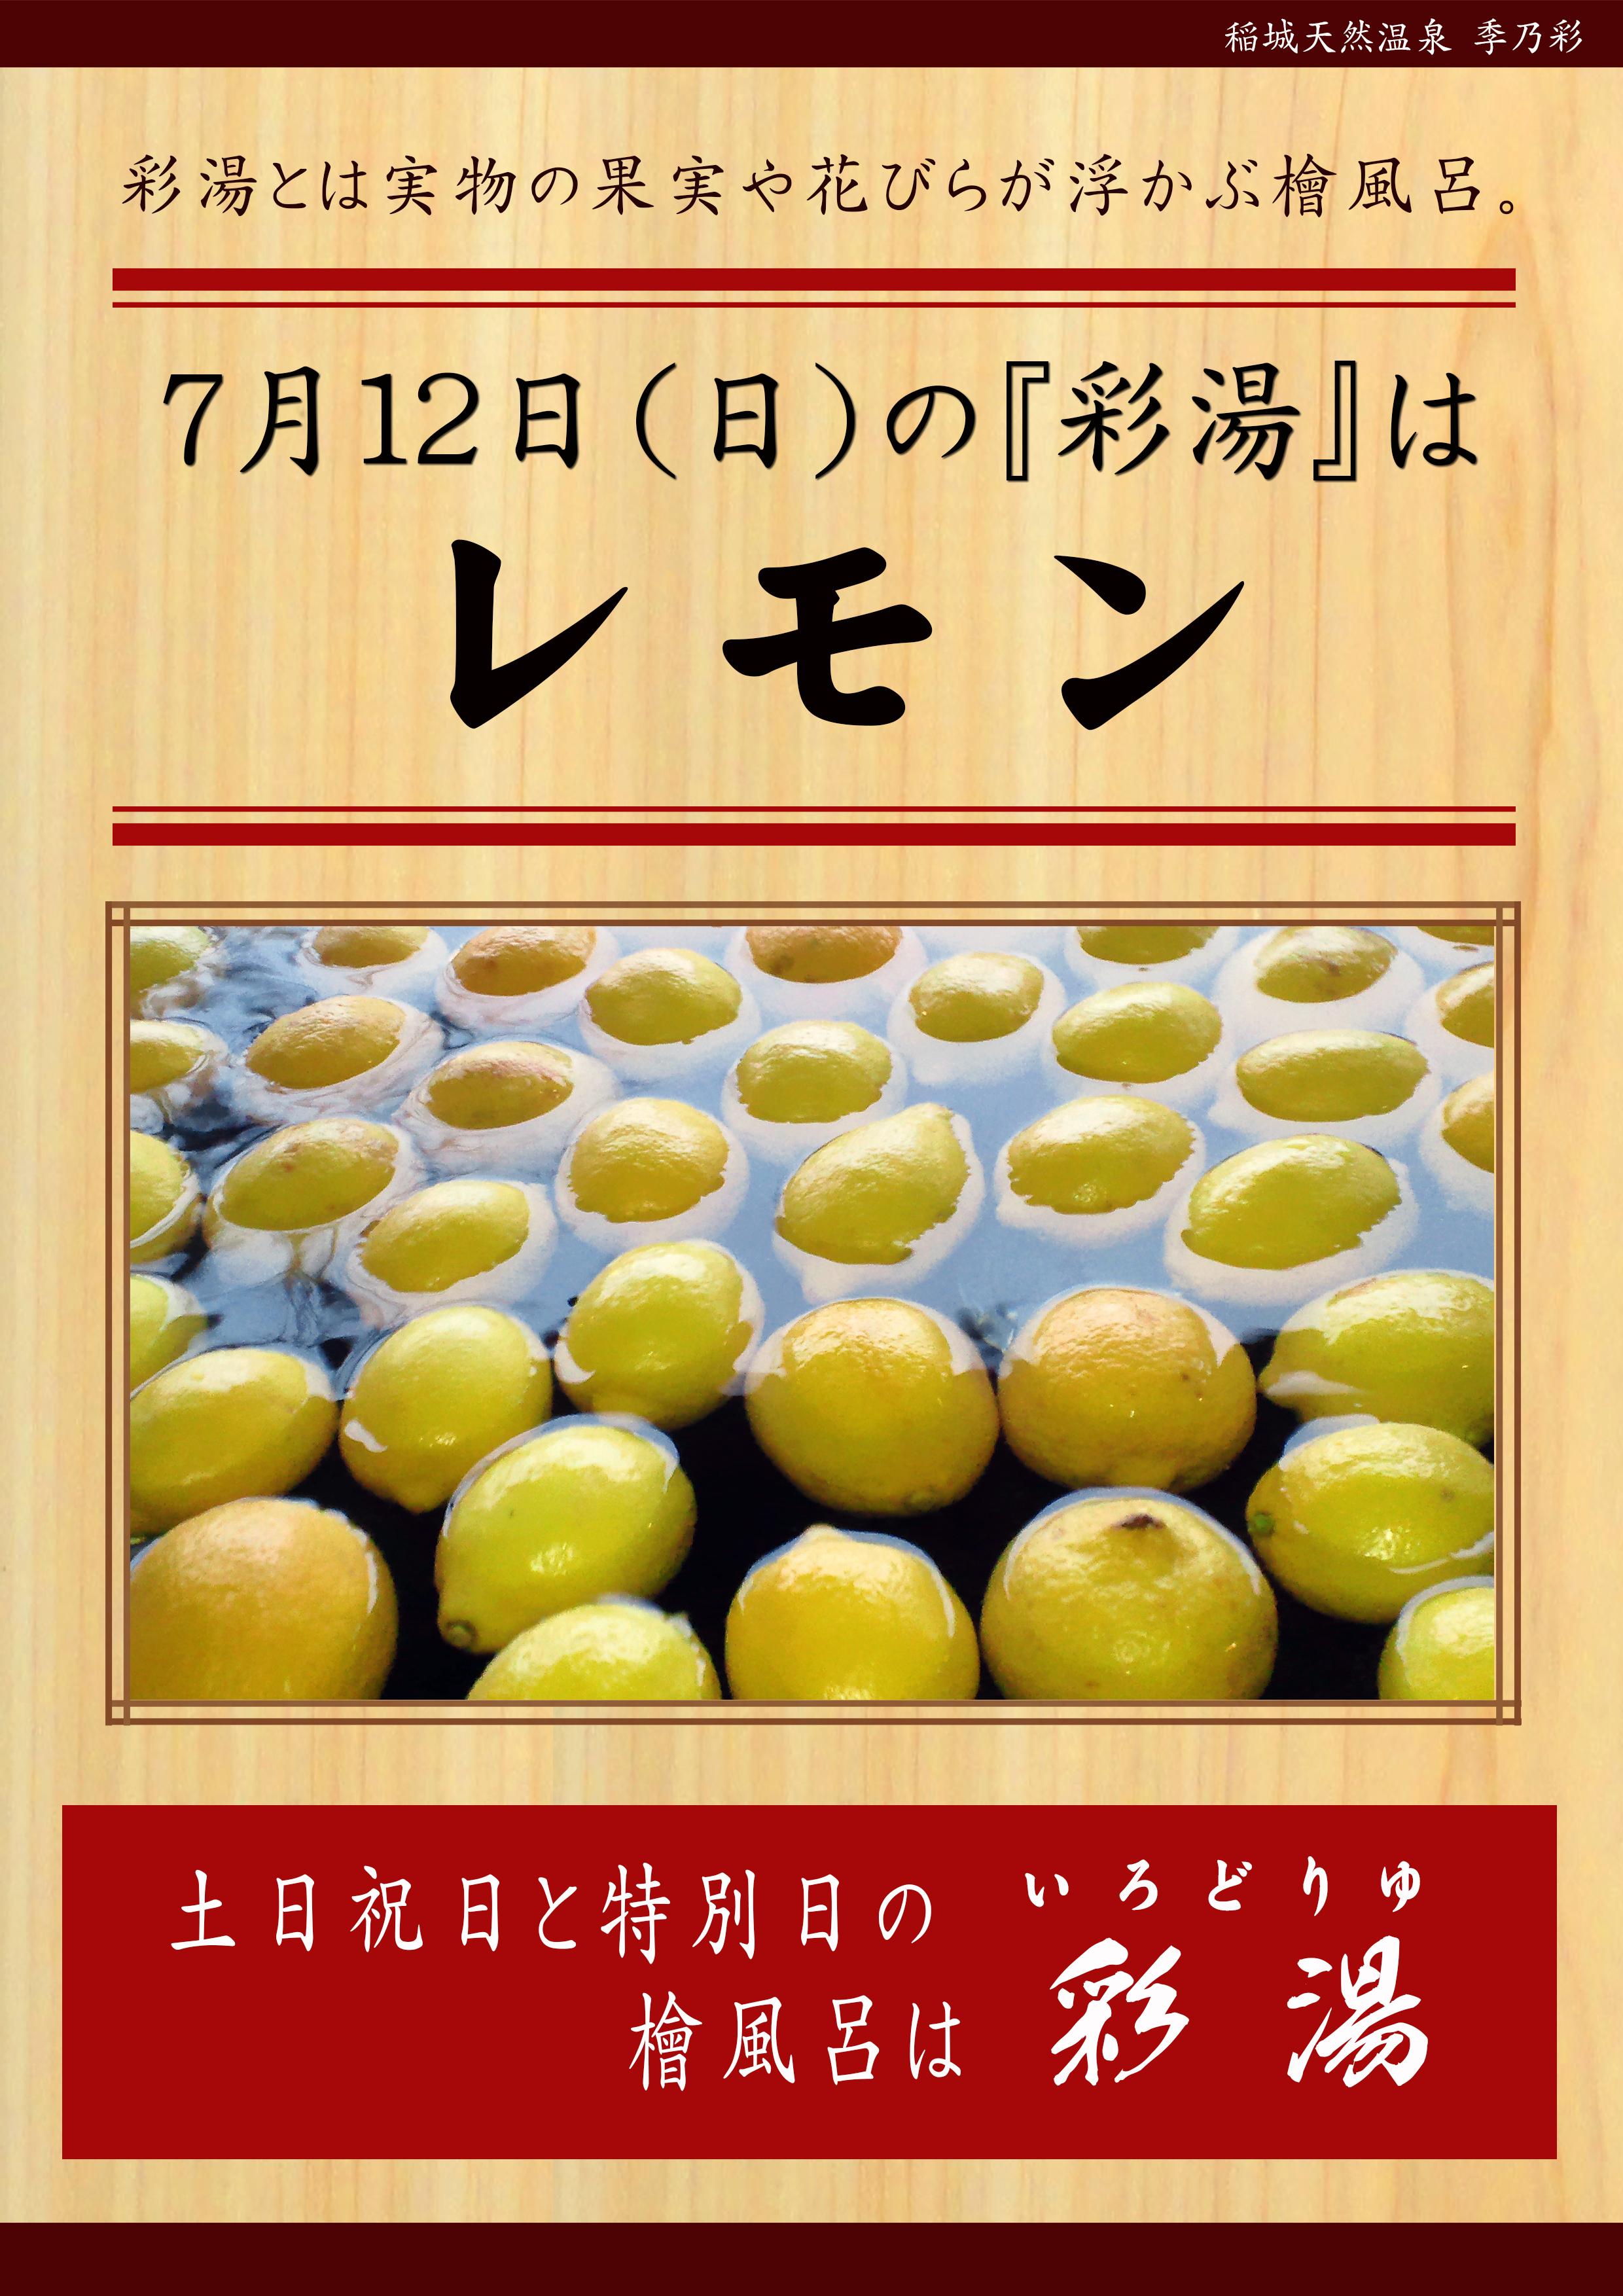 202712 POP イベント 彩湯 レモン